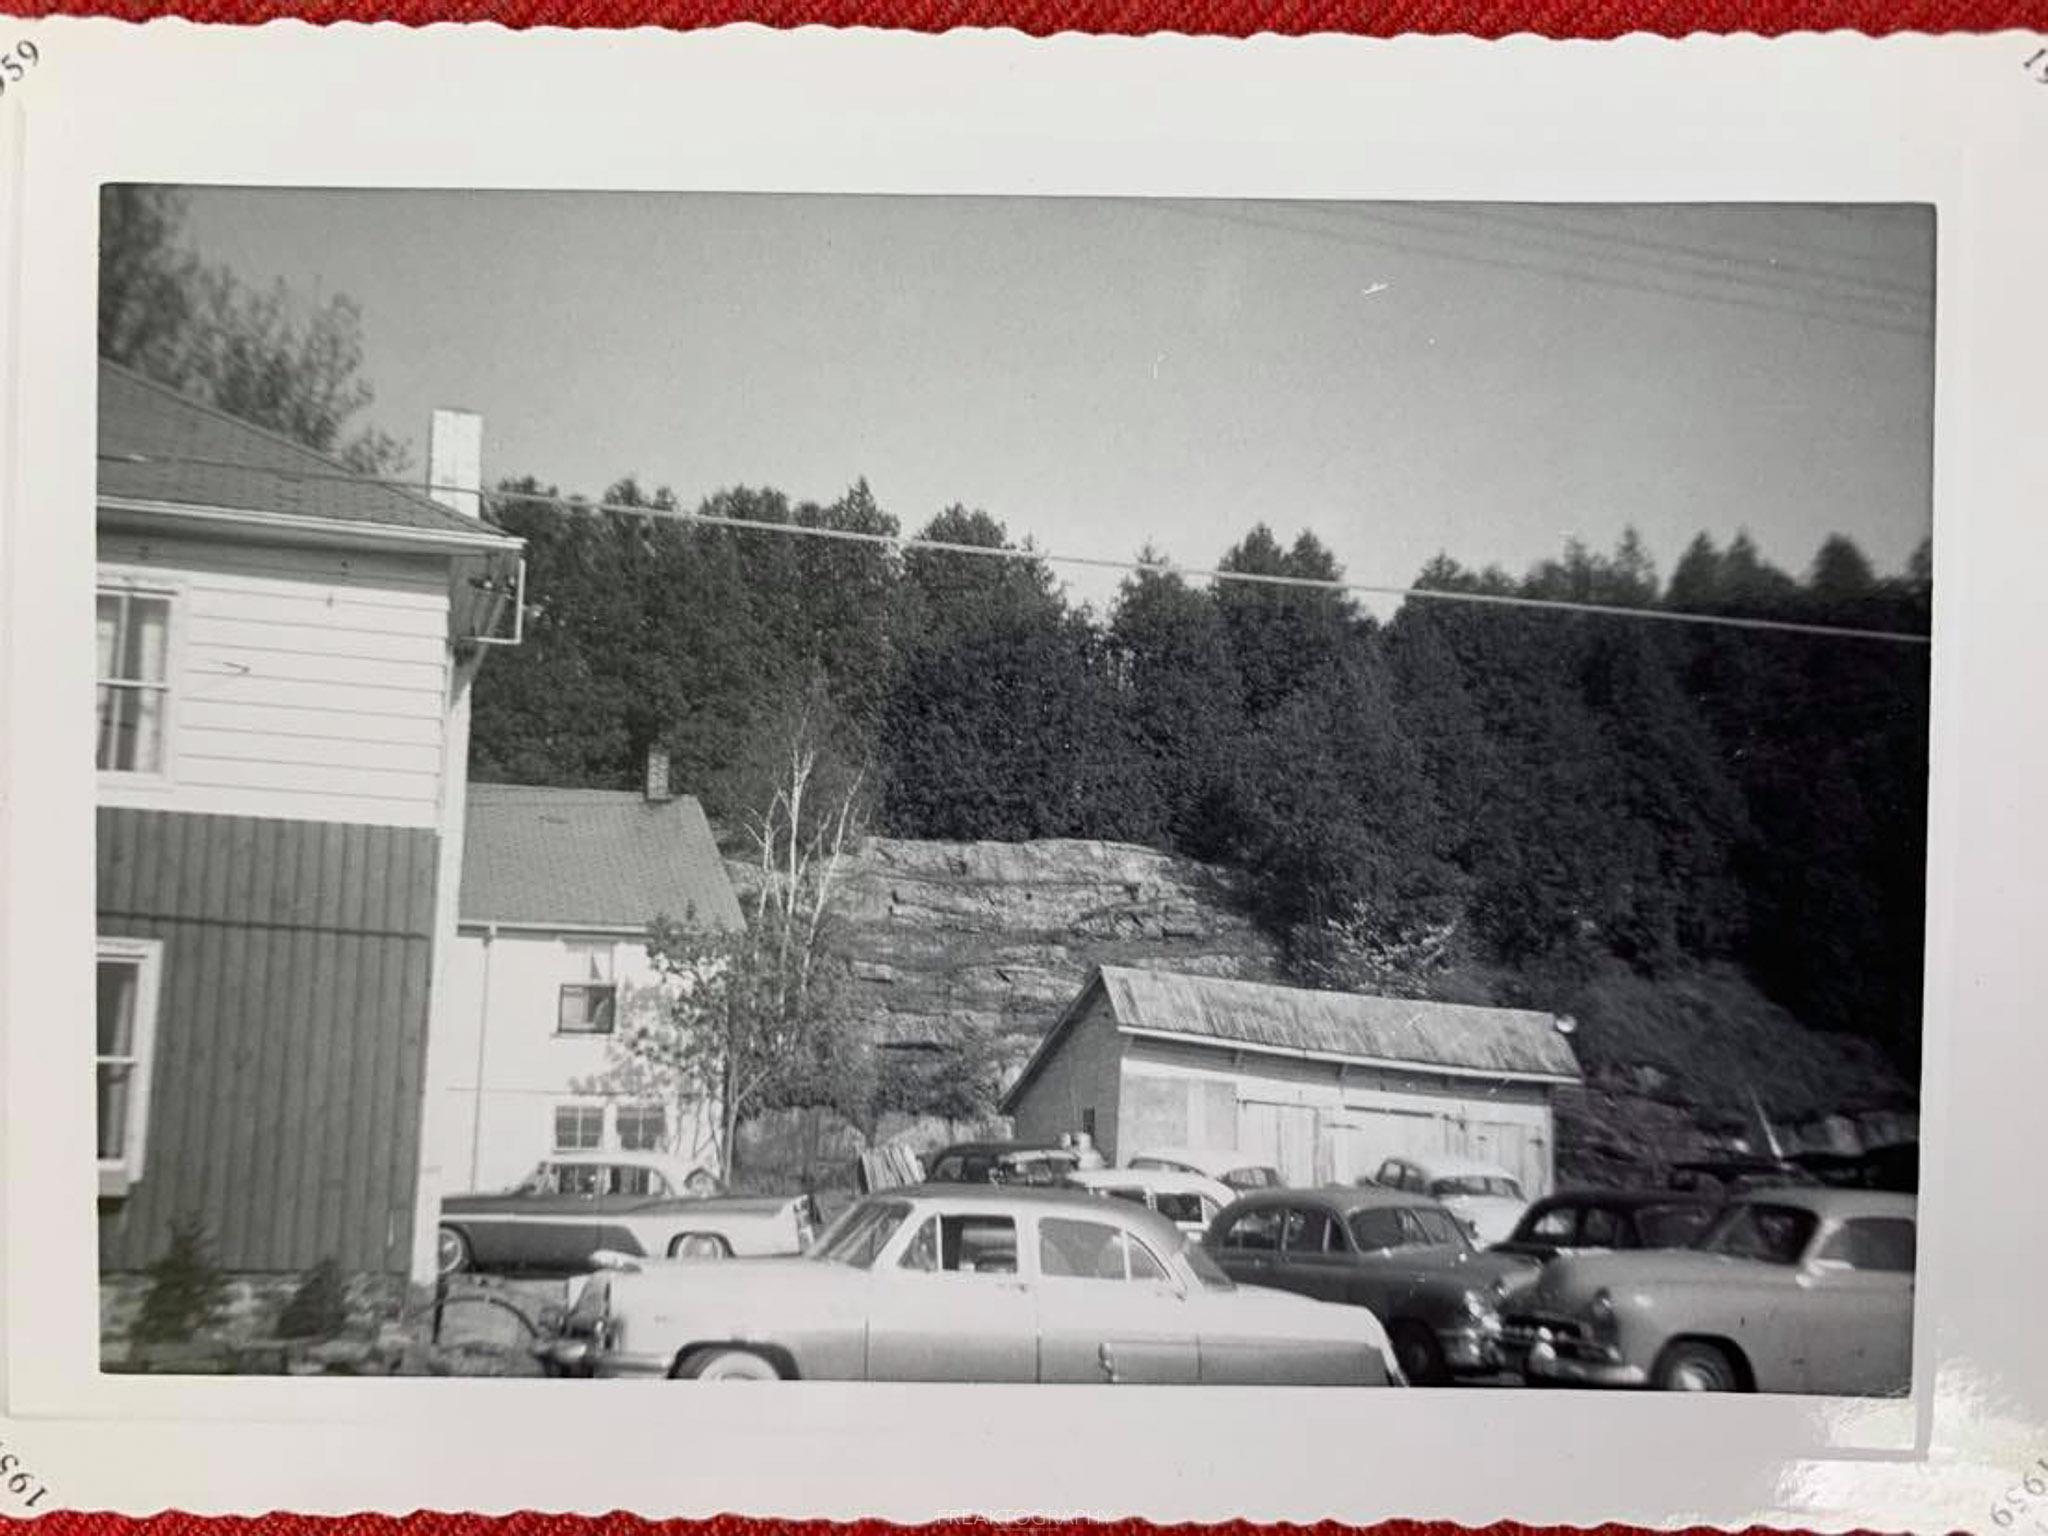 Rockcliffe tavern 1960s